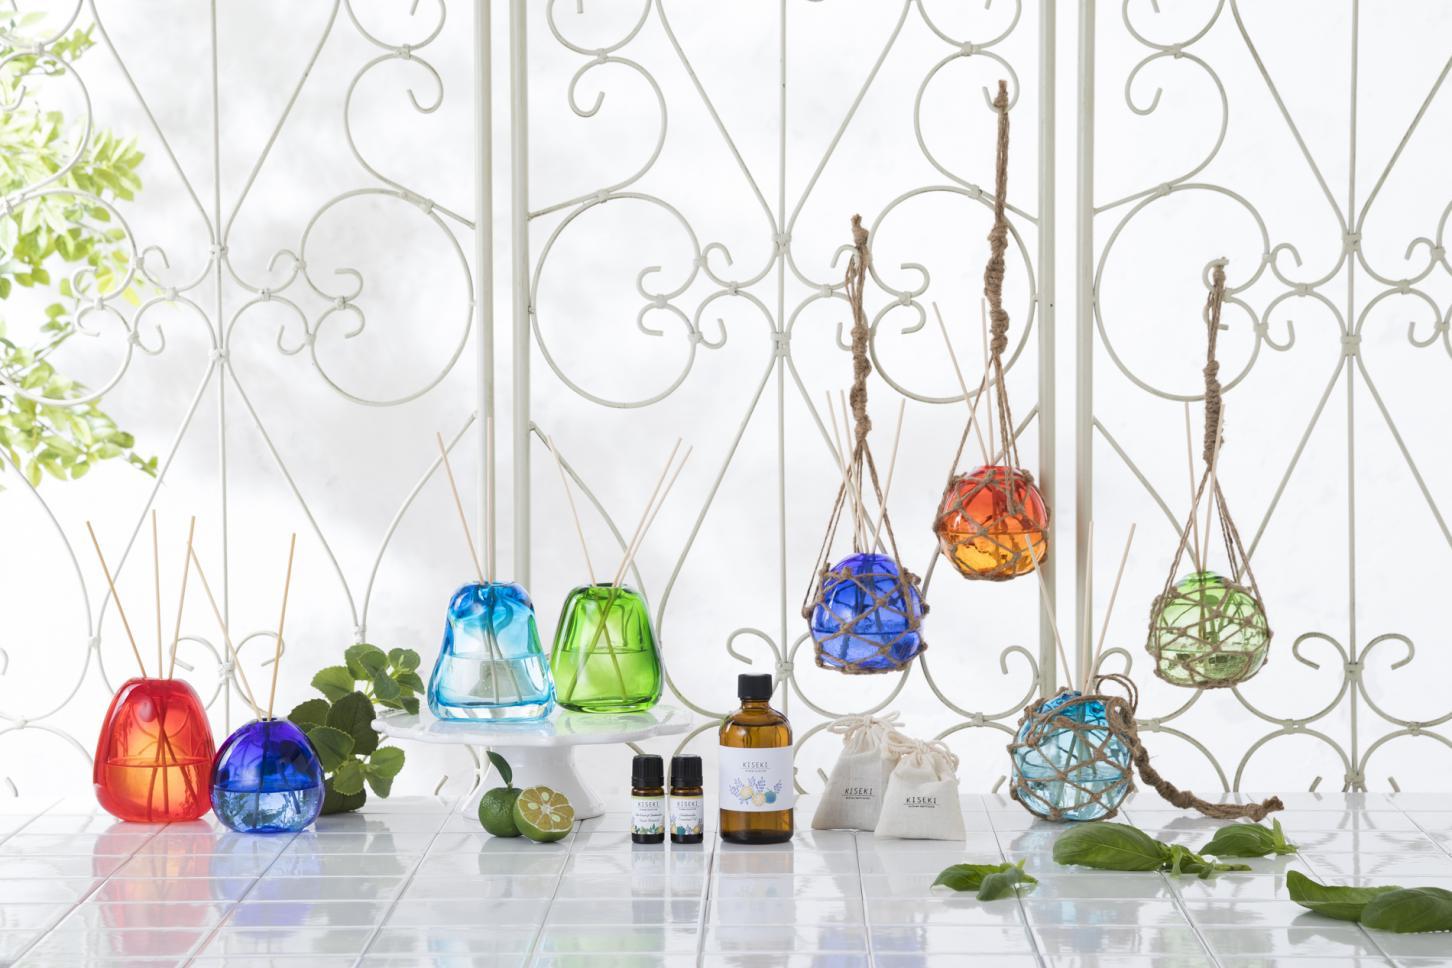 琉球ガラスとアロマディフューザーセット